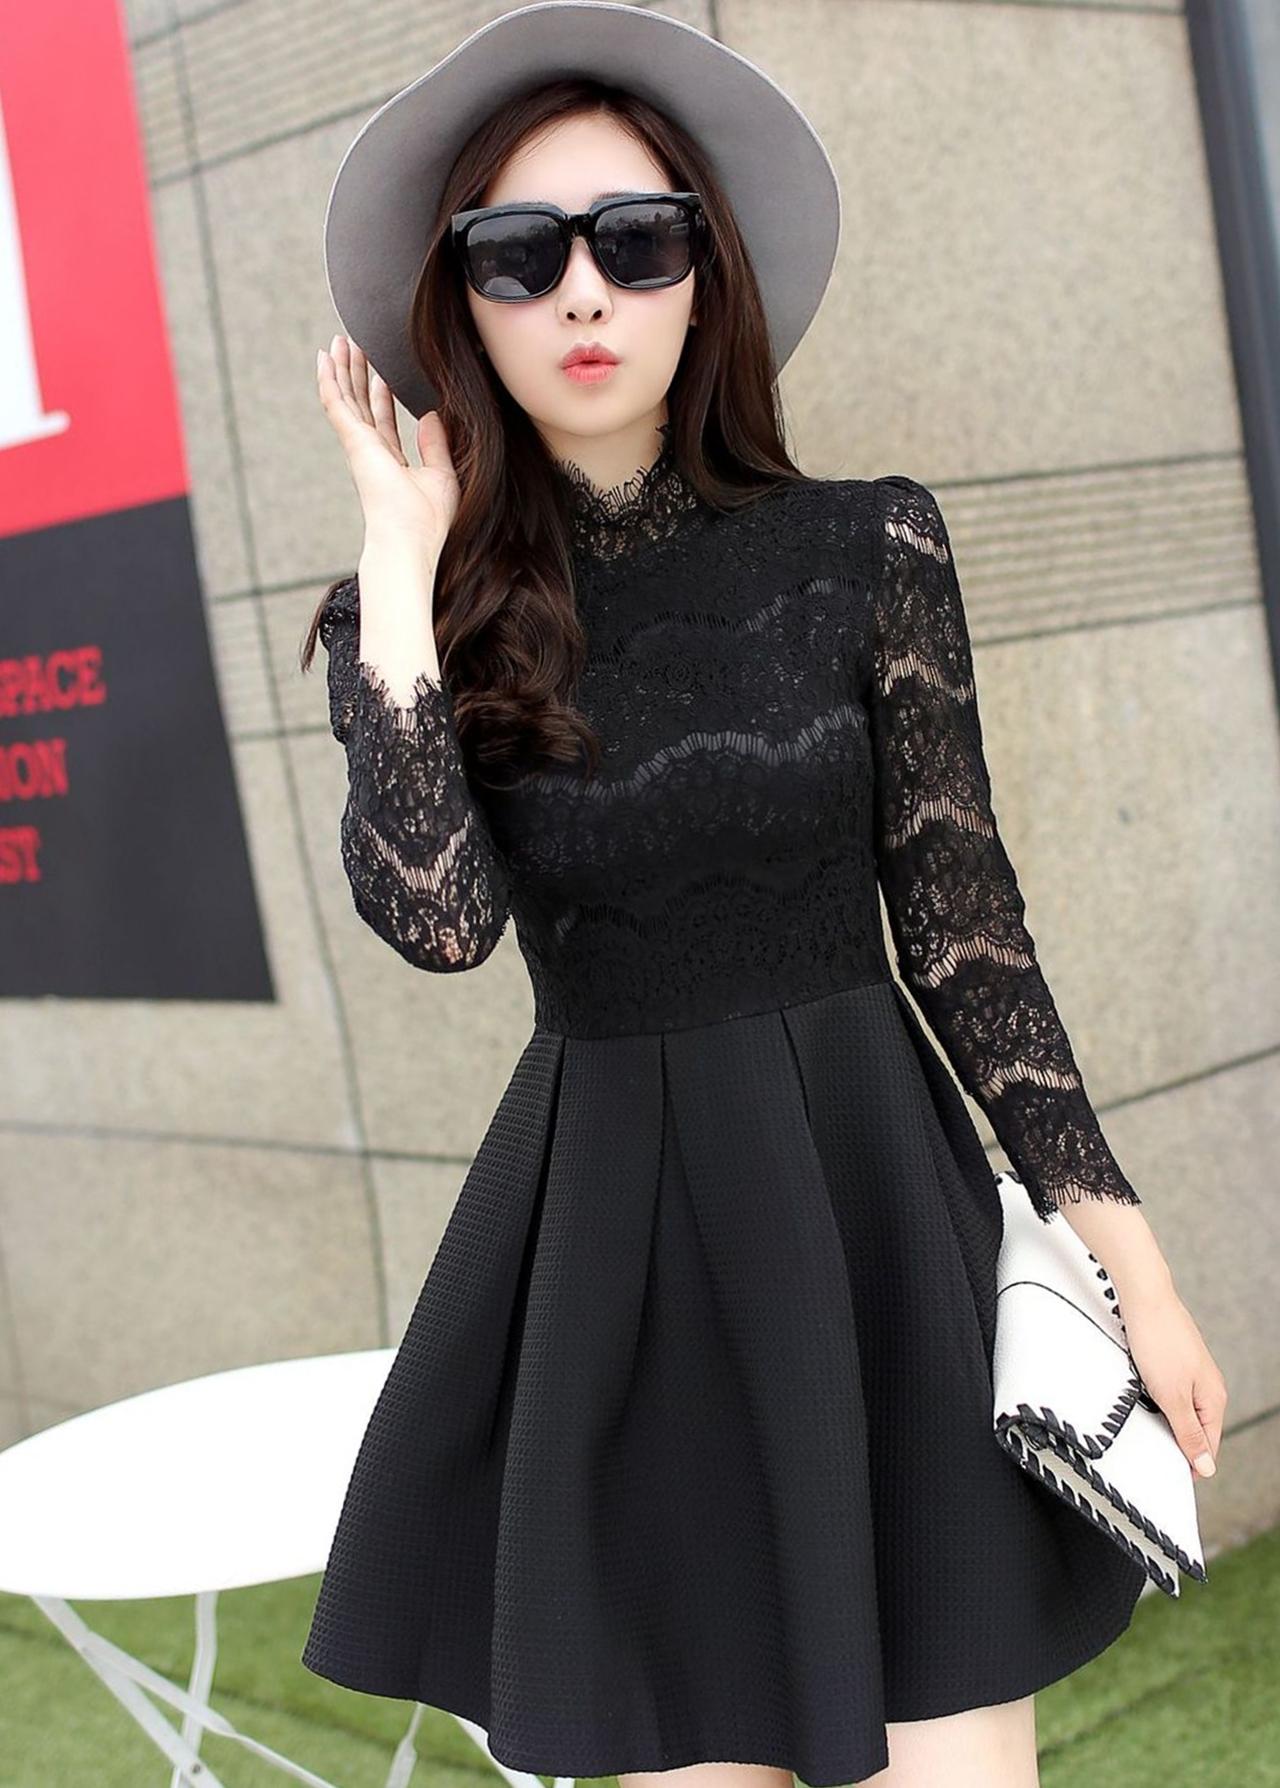 ชุดเดรสสั้นสีดำ แนวคุณหนู เรียบร้อย สวยหรู ดูดี สไตล์เกาหลี